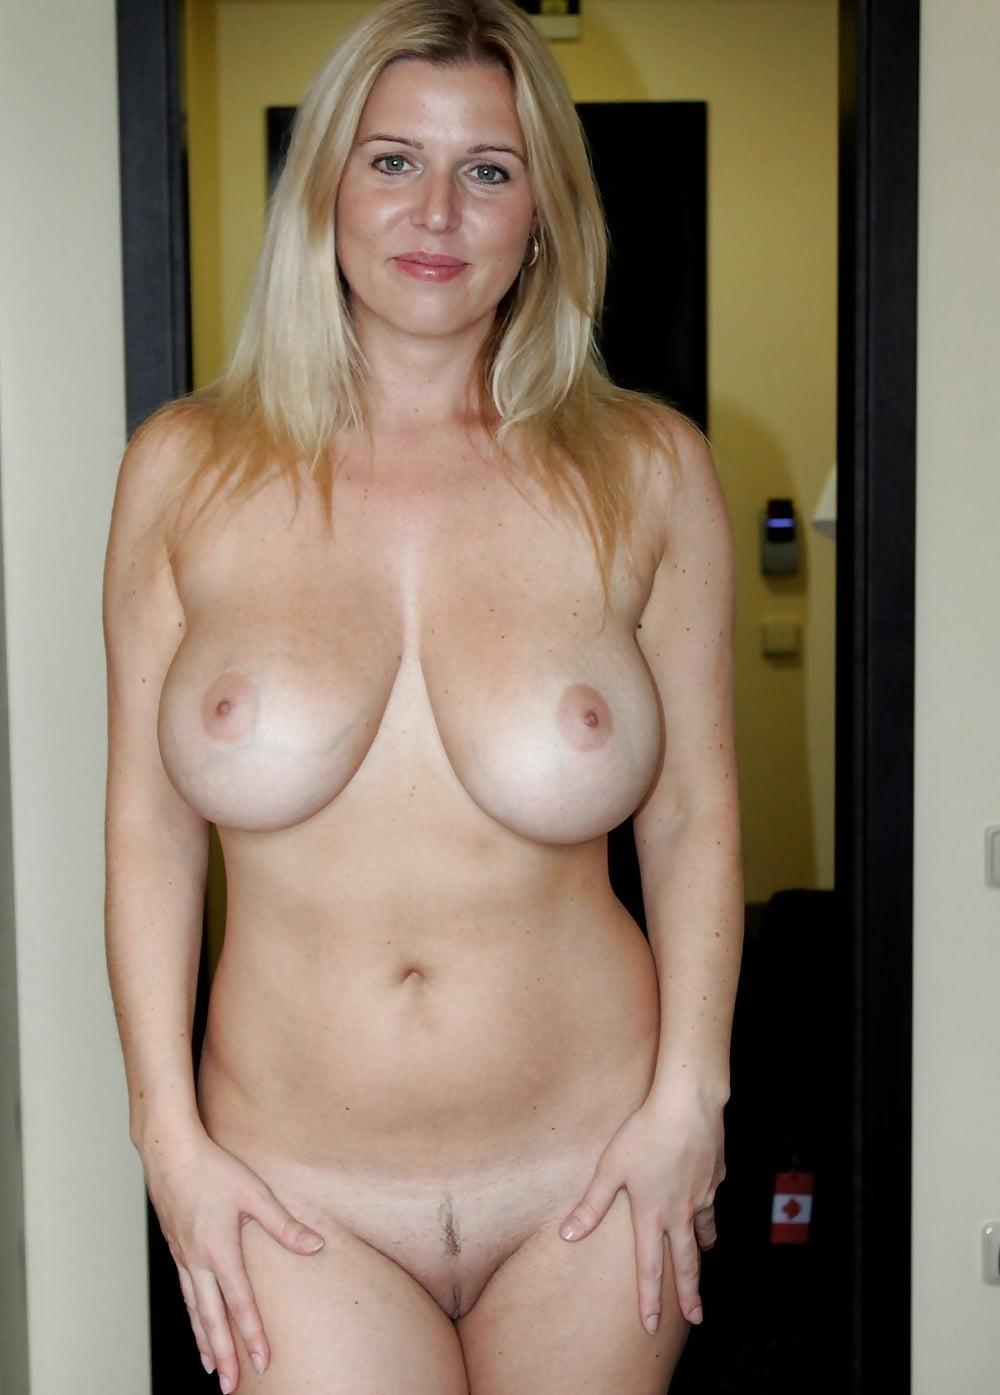 Amateur milf wine glasses naked nude shaved legup smile smiling happy bathroom blonde